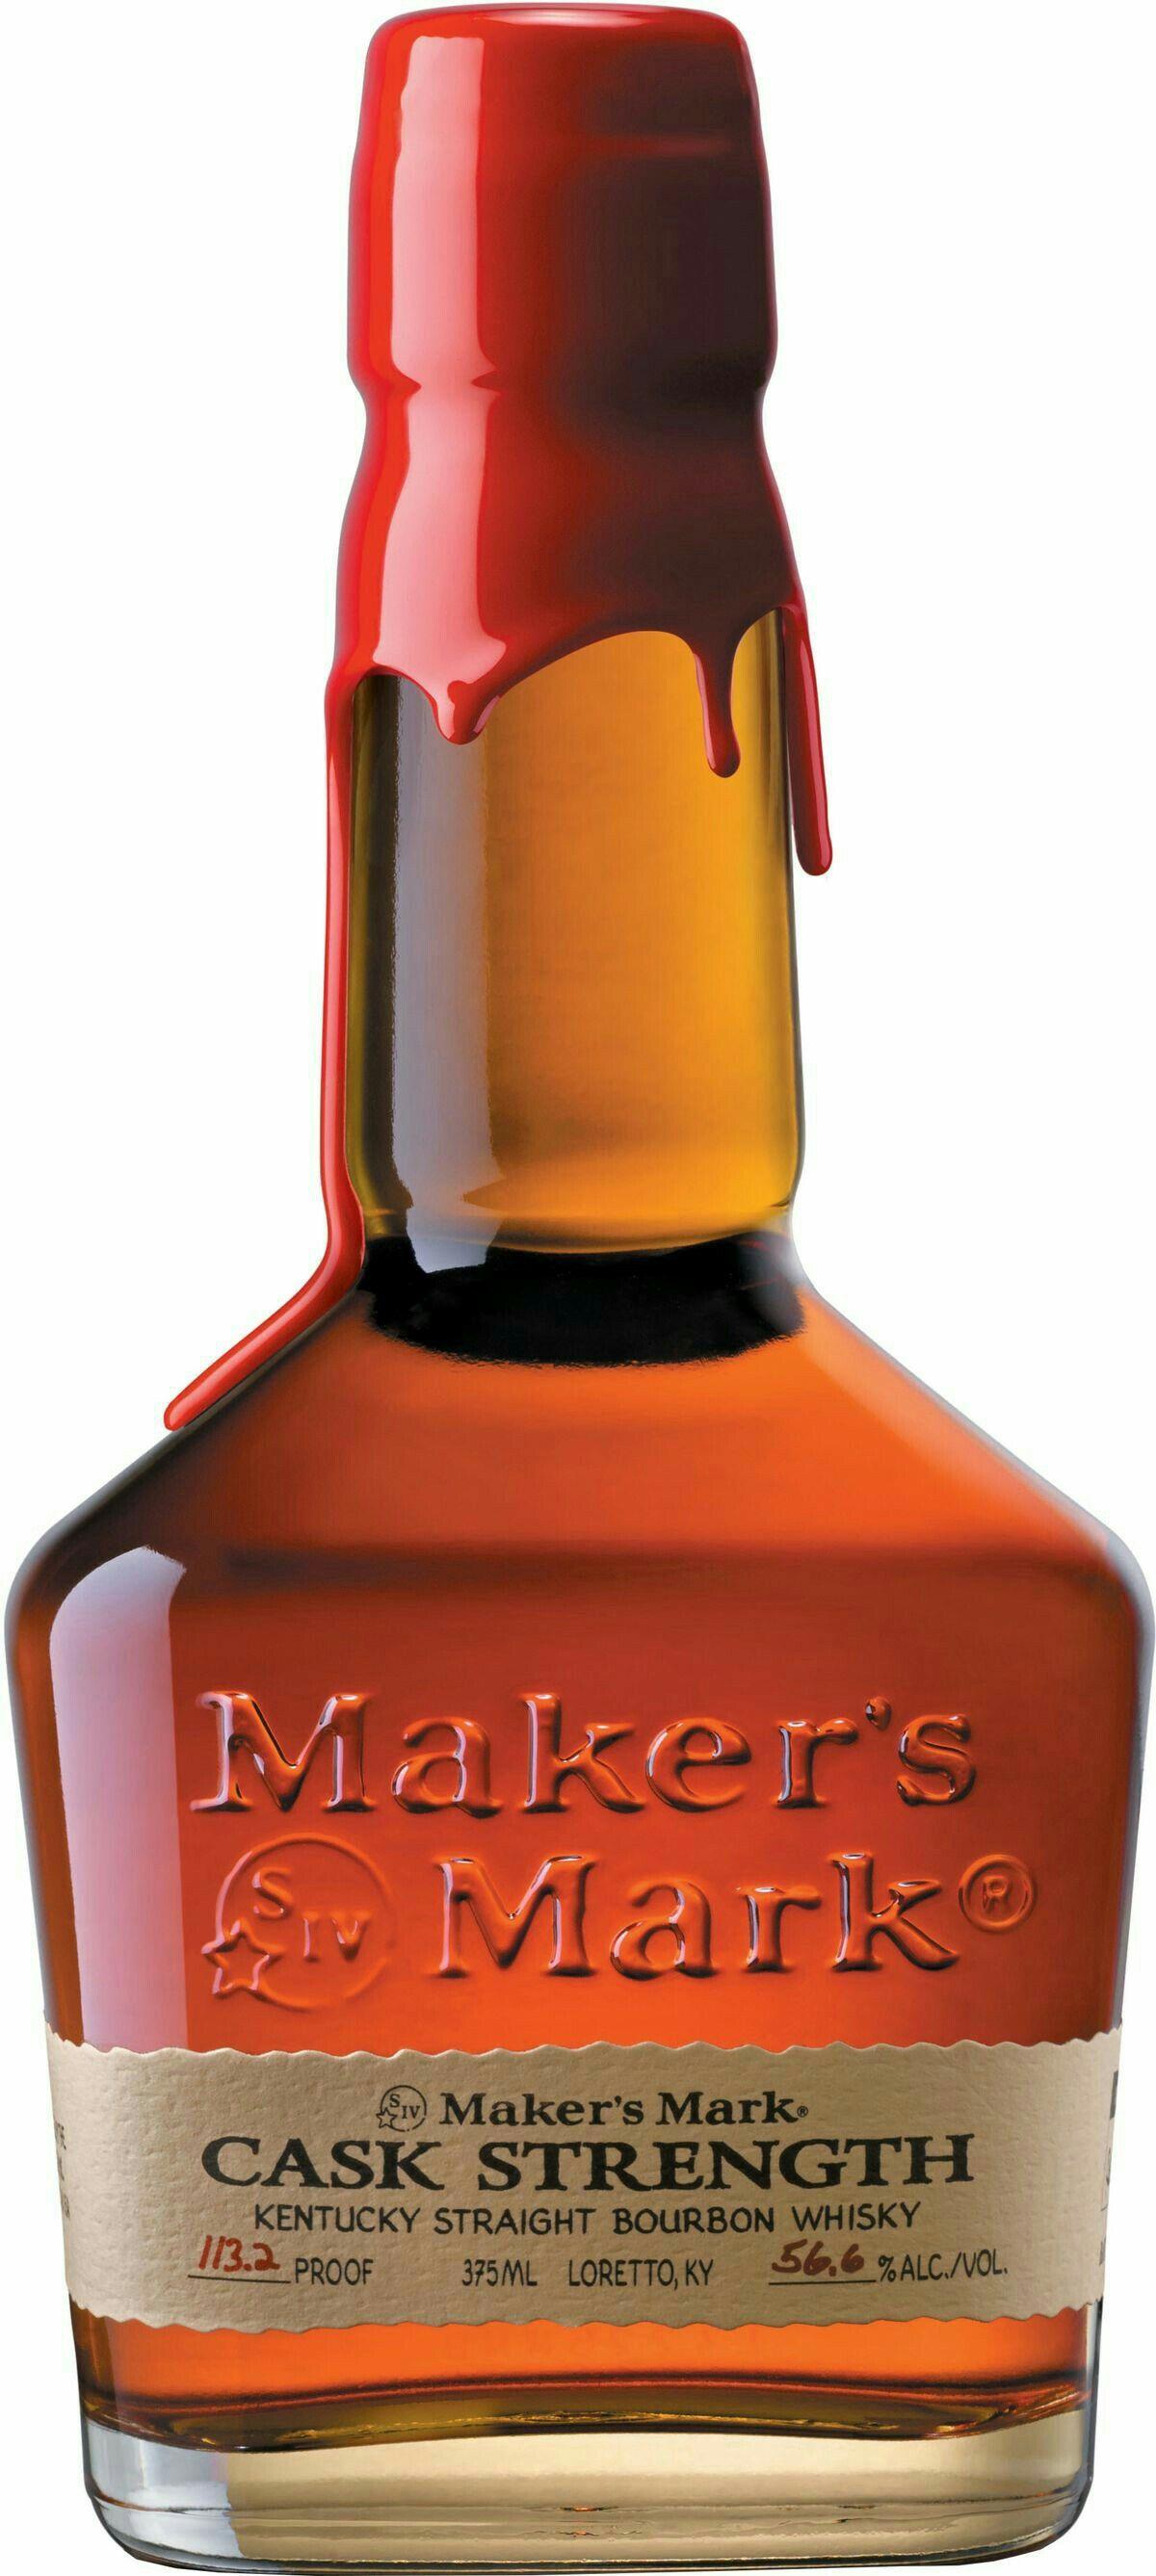 Maker S Mark Cask Strength Kentucky Bourbon Whisky Kentucky Straight Bourbon Whiskey Cigars And Whiskey Whiskey